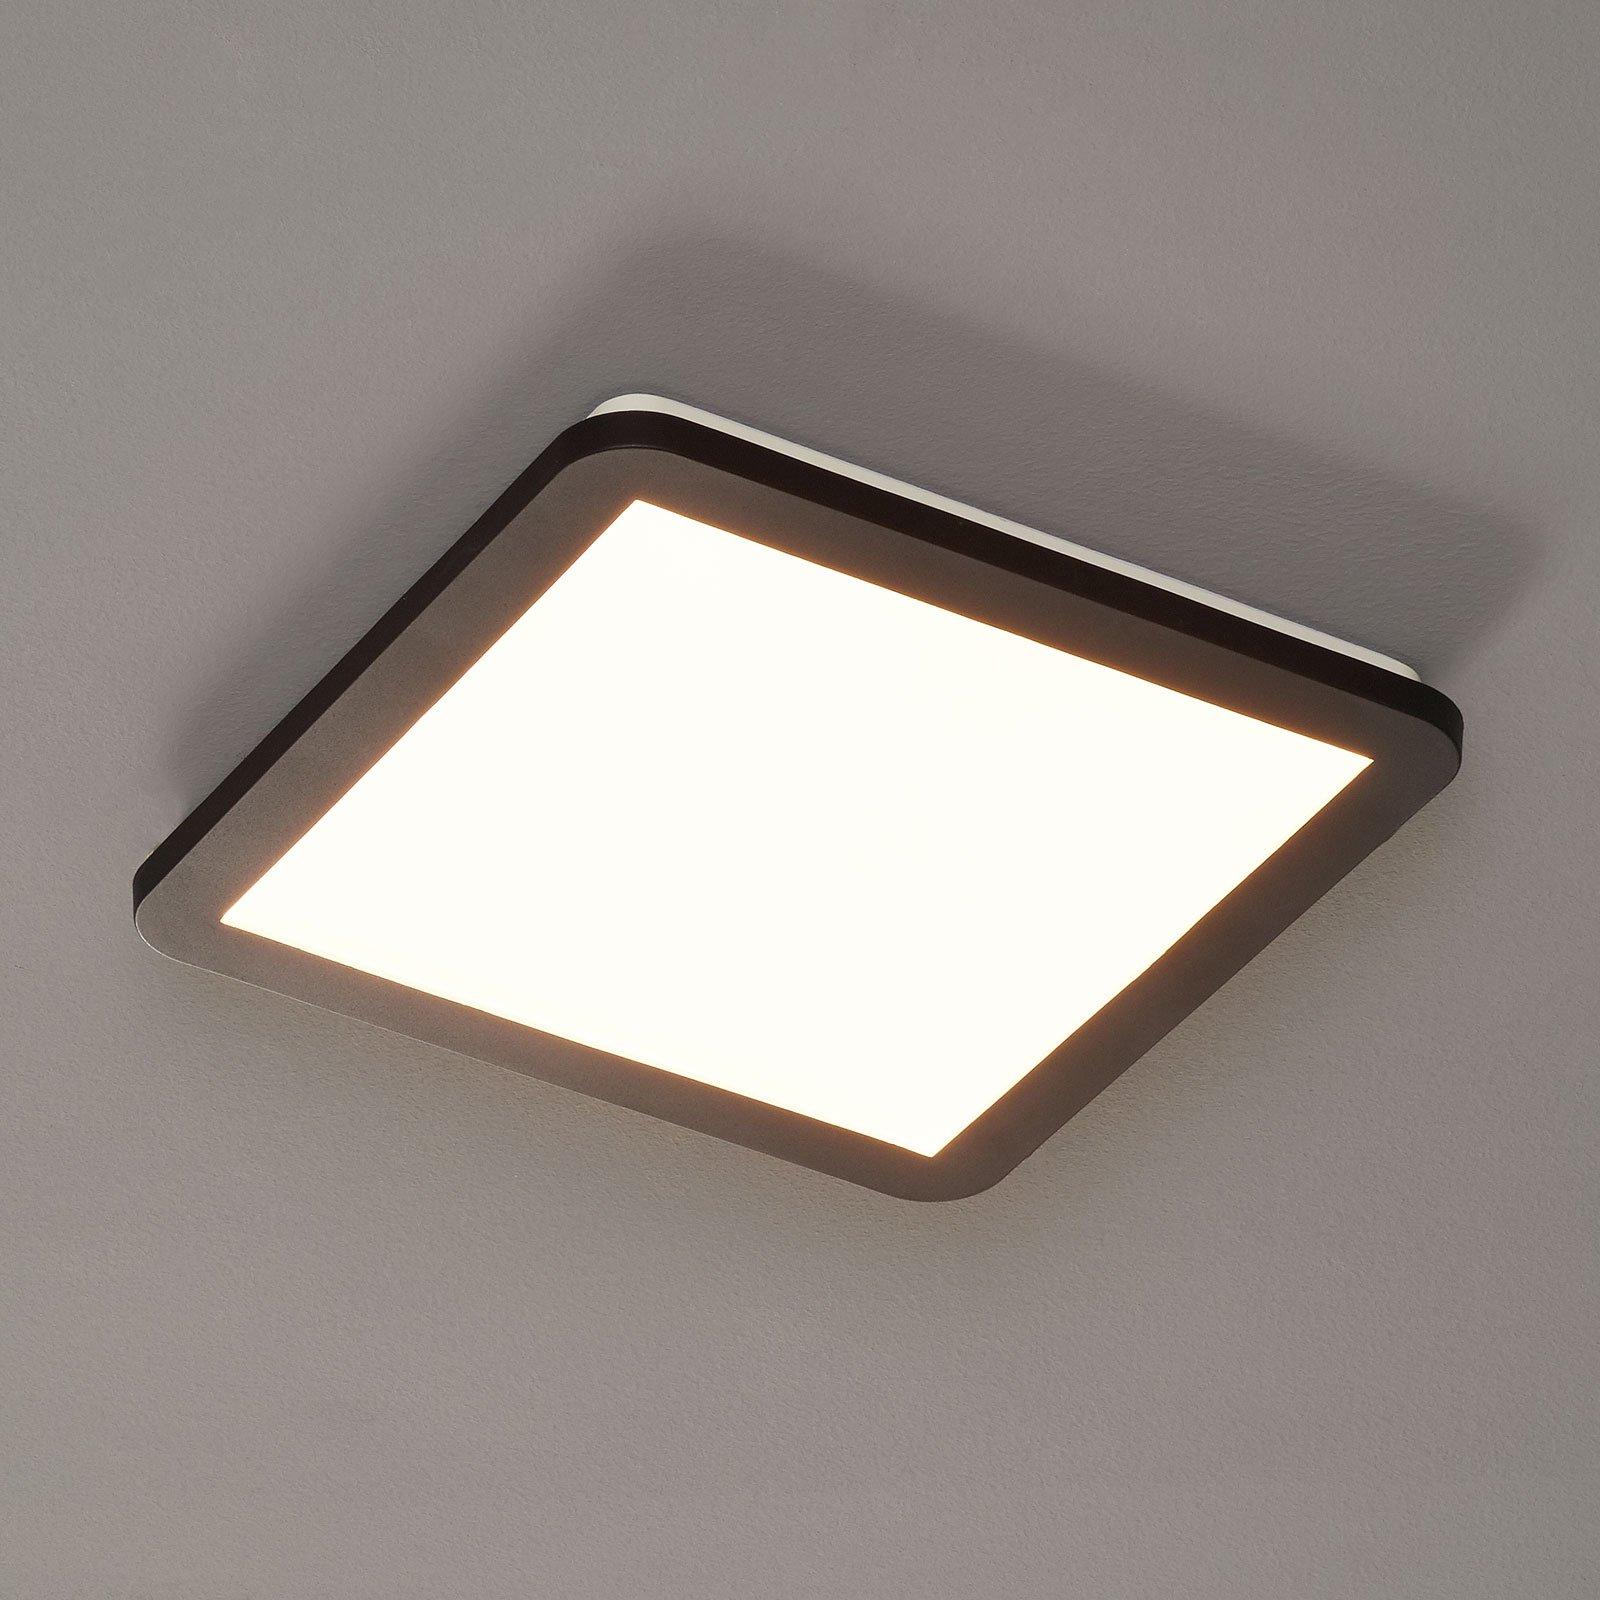 LED-taklampe Camillus, kvadratisk - 30 cm